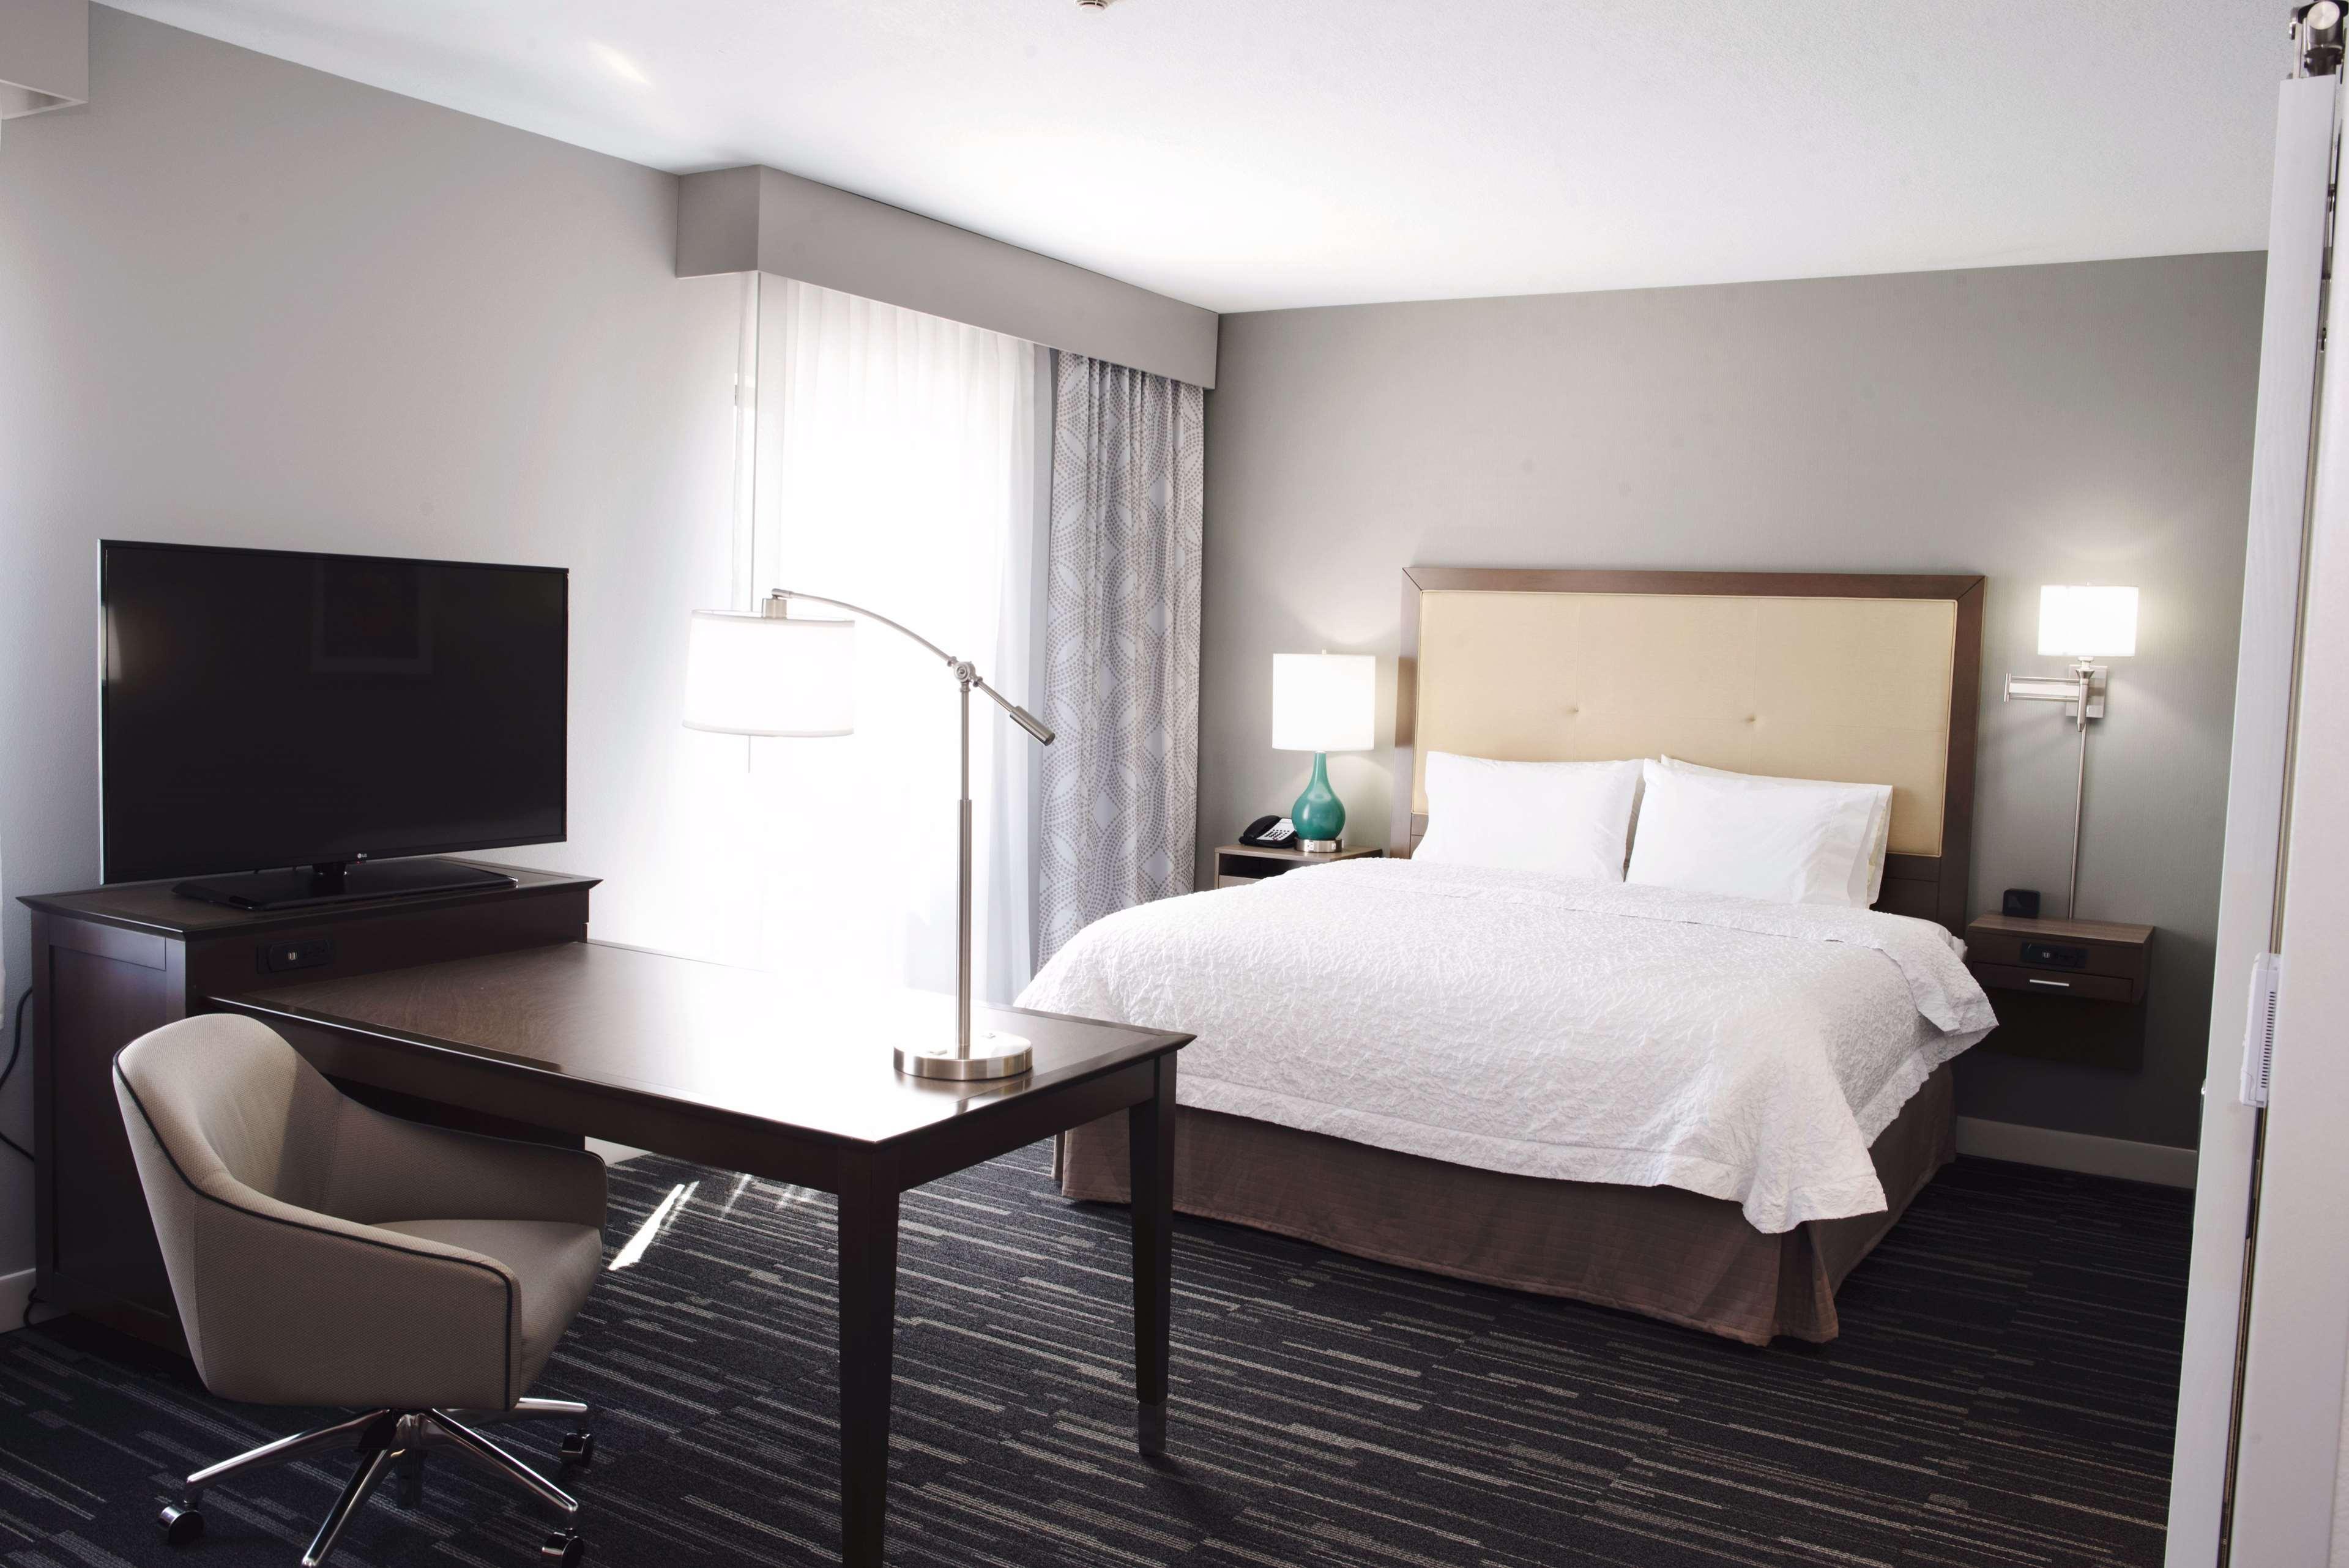 Hampton Inn & Suites Des Moines/Urbandale image 23